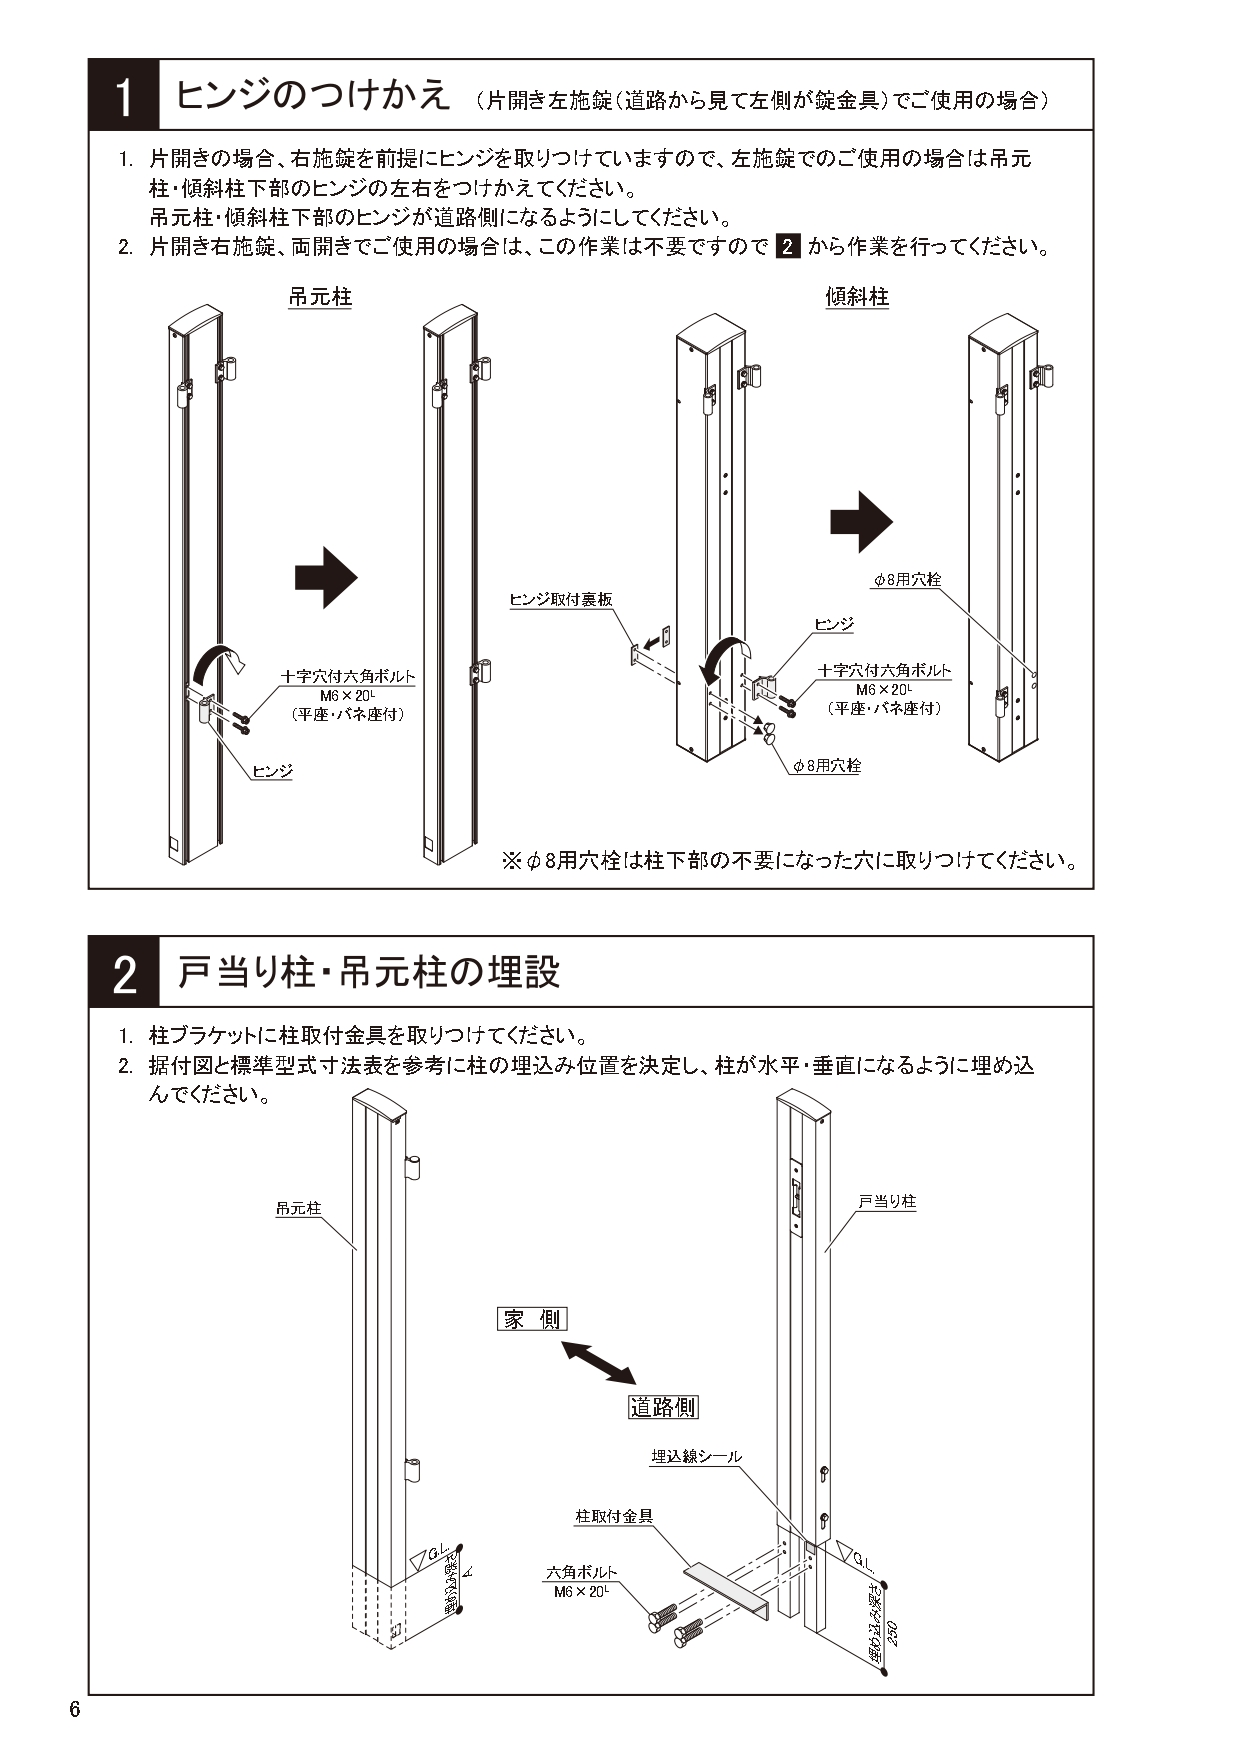 ニューハピネスHG 傾斜・ペットガードタイプ 施工説明書_page-0006